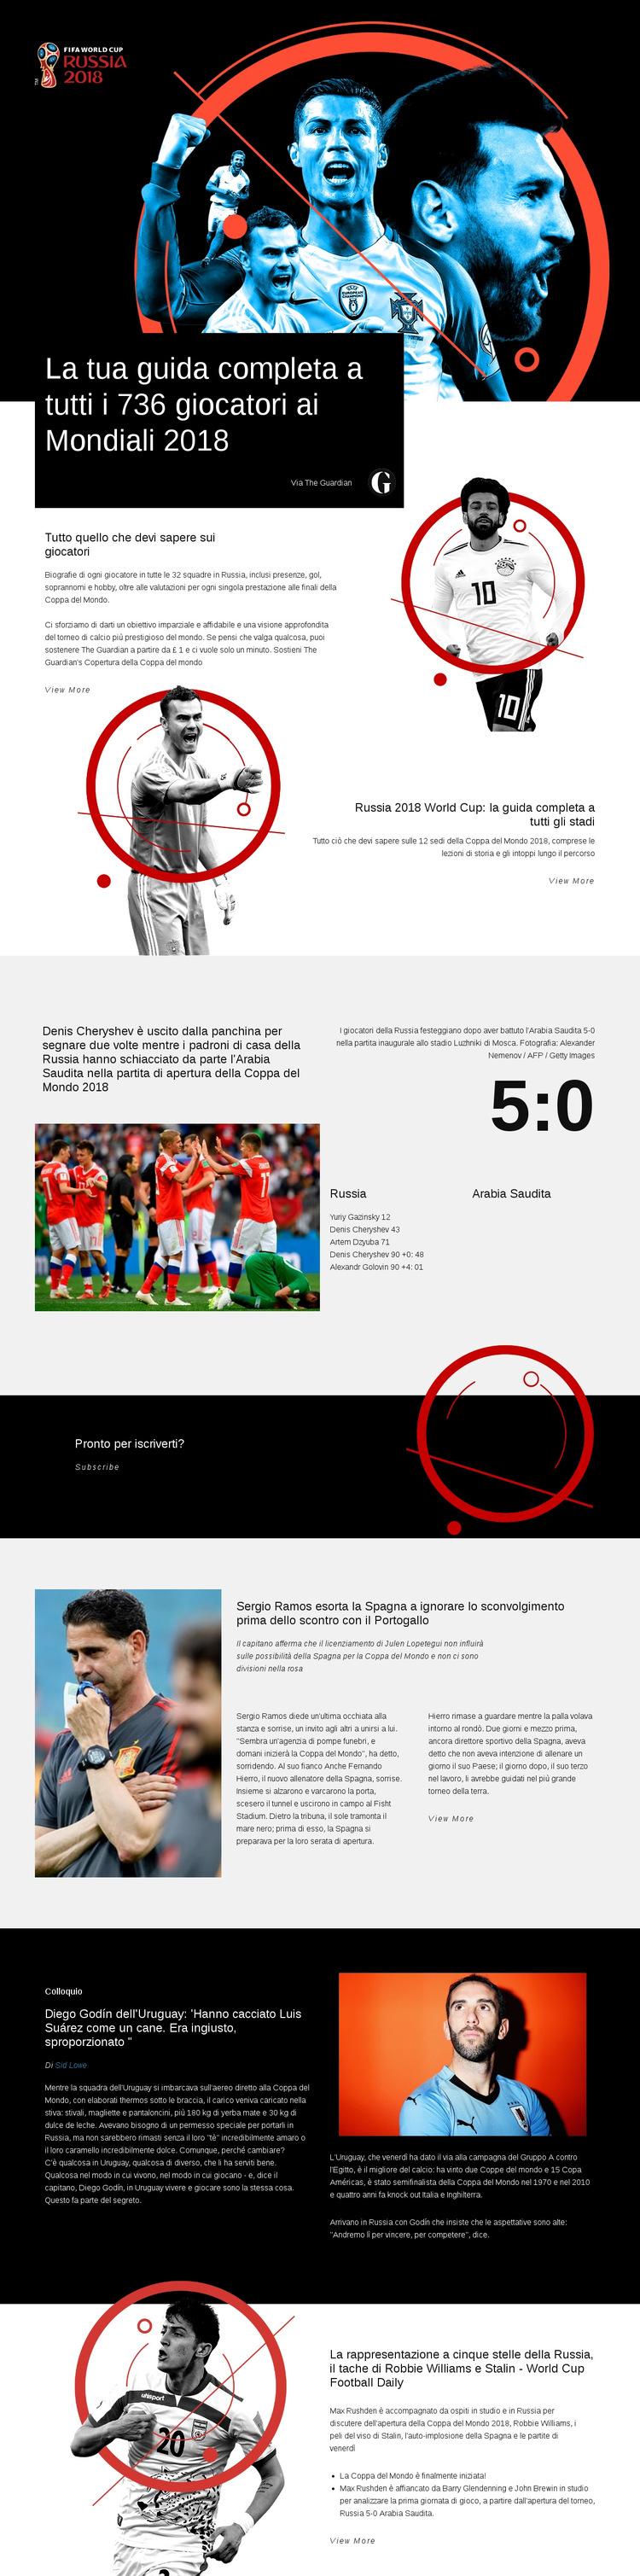 Coppa del mondo 2018 Modello di sito Web